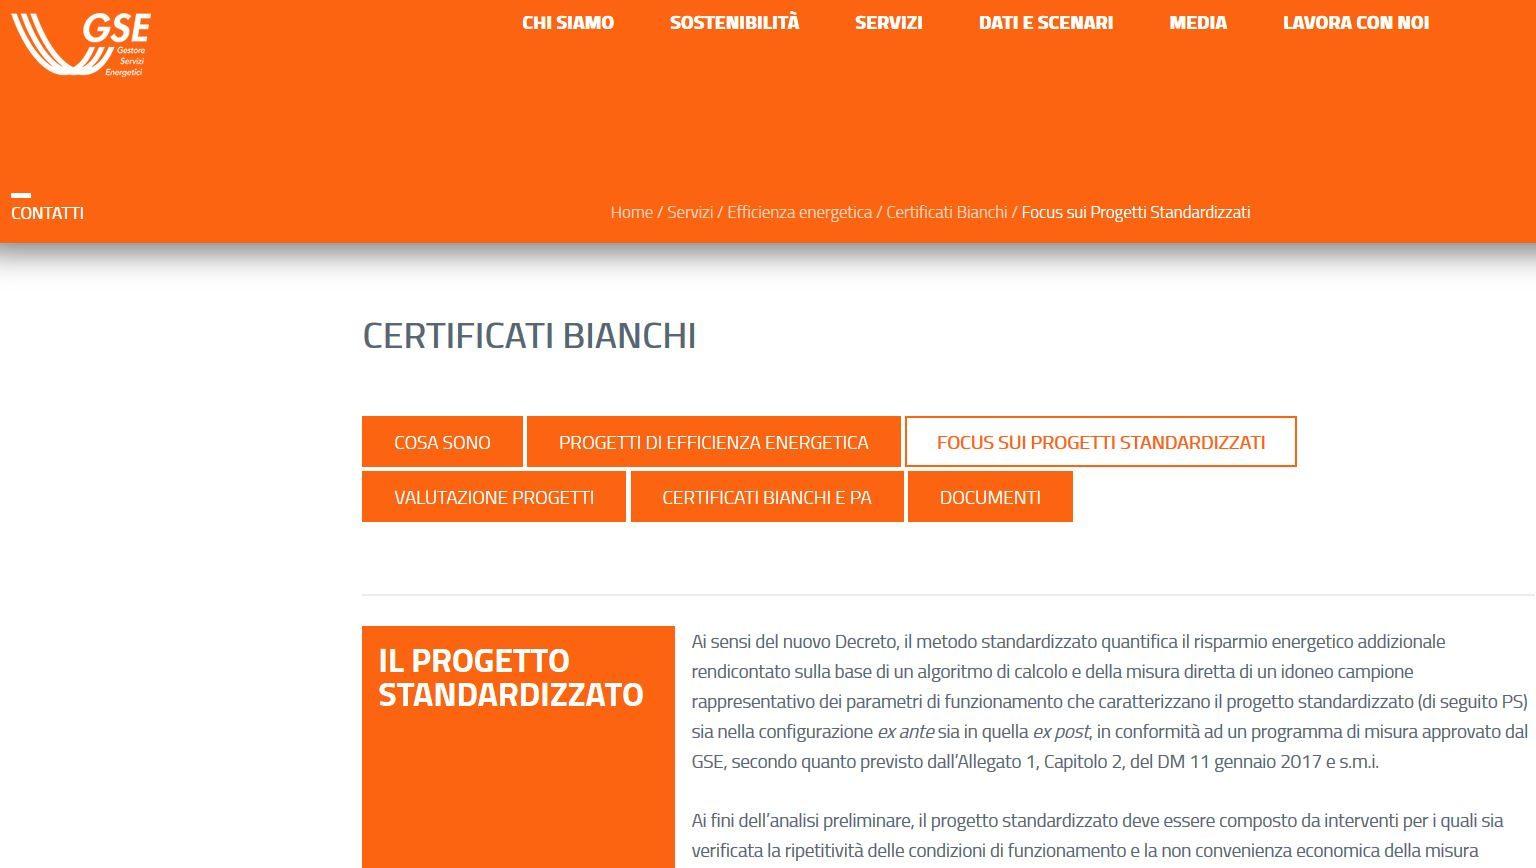 Certificati Bianchi per i progetti standardizzati